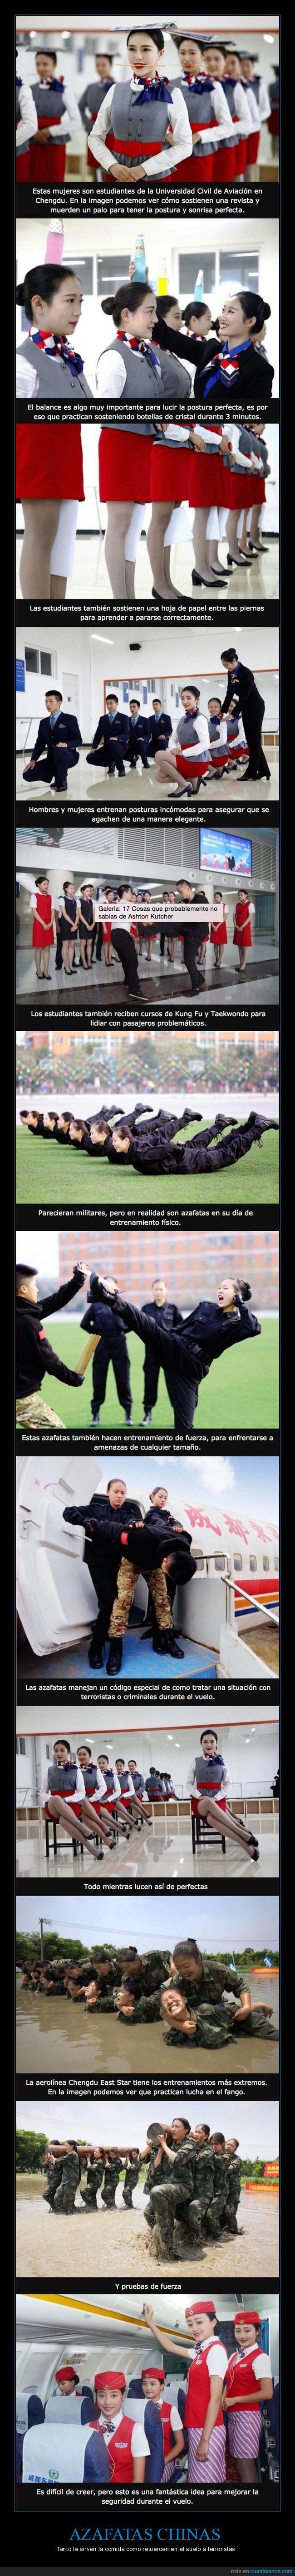 azafatas,chinas,espartanas,militar